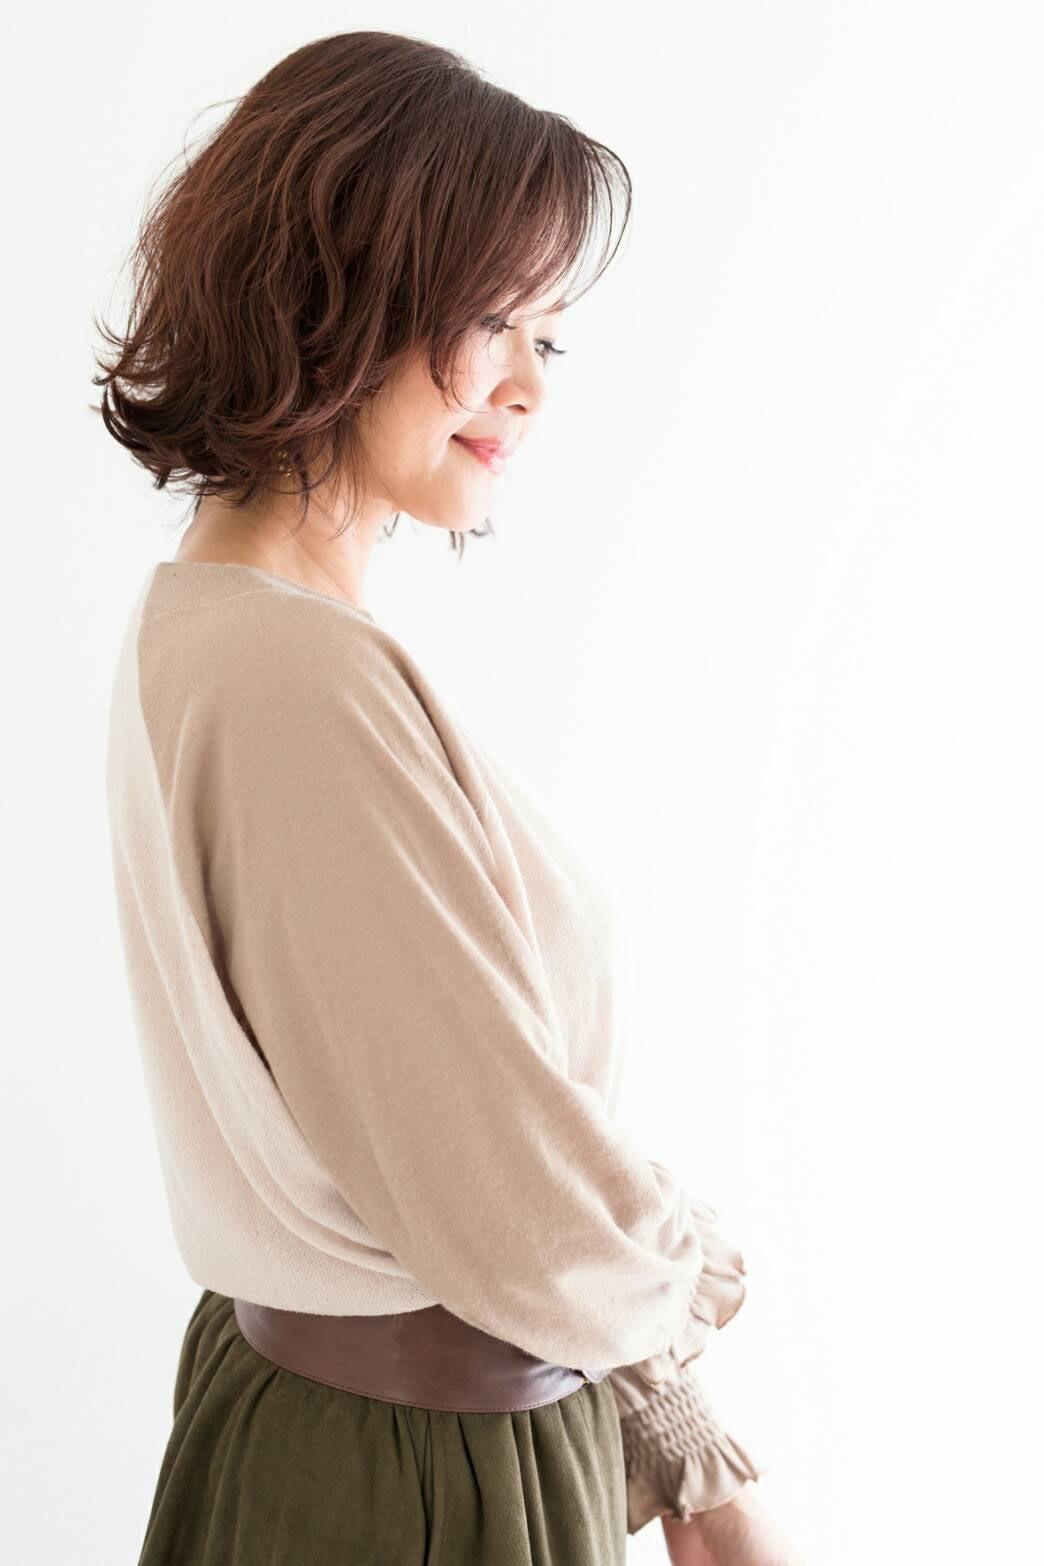 頭皮や髪にやさしい低刺激の薬剤が人気◎ハーブエキス配合で施術後の髪にツヤと潤いを与えます。